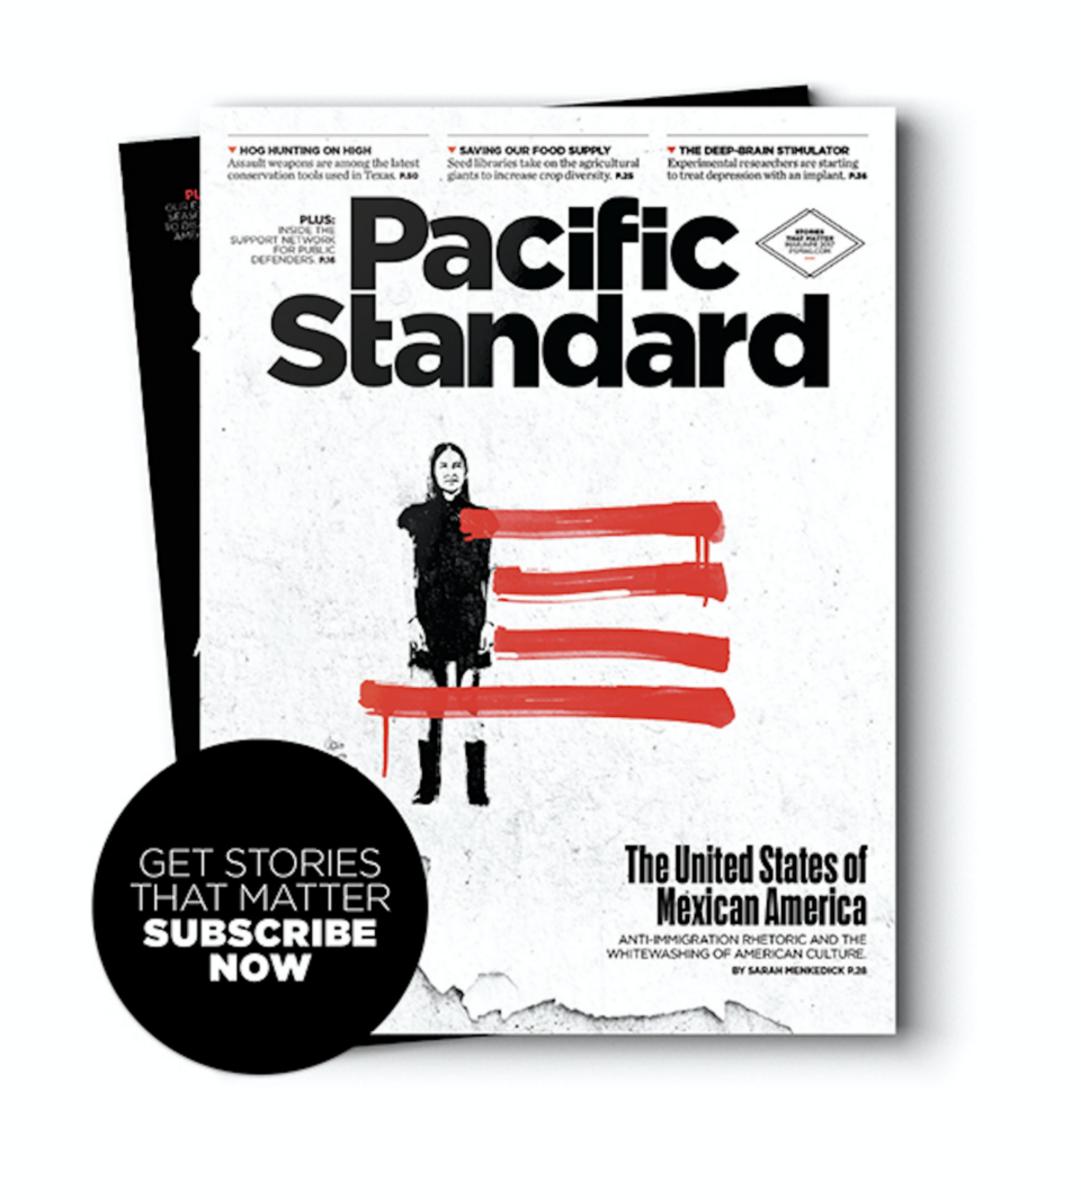 Esta historia aparece en inglés en la edición de marzo / abril 2017 de Pacific Standard. Compra una copia de esta edición o suscríbete a la revista ahora.